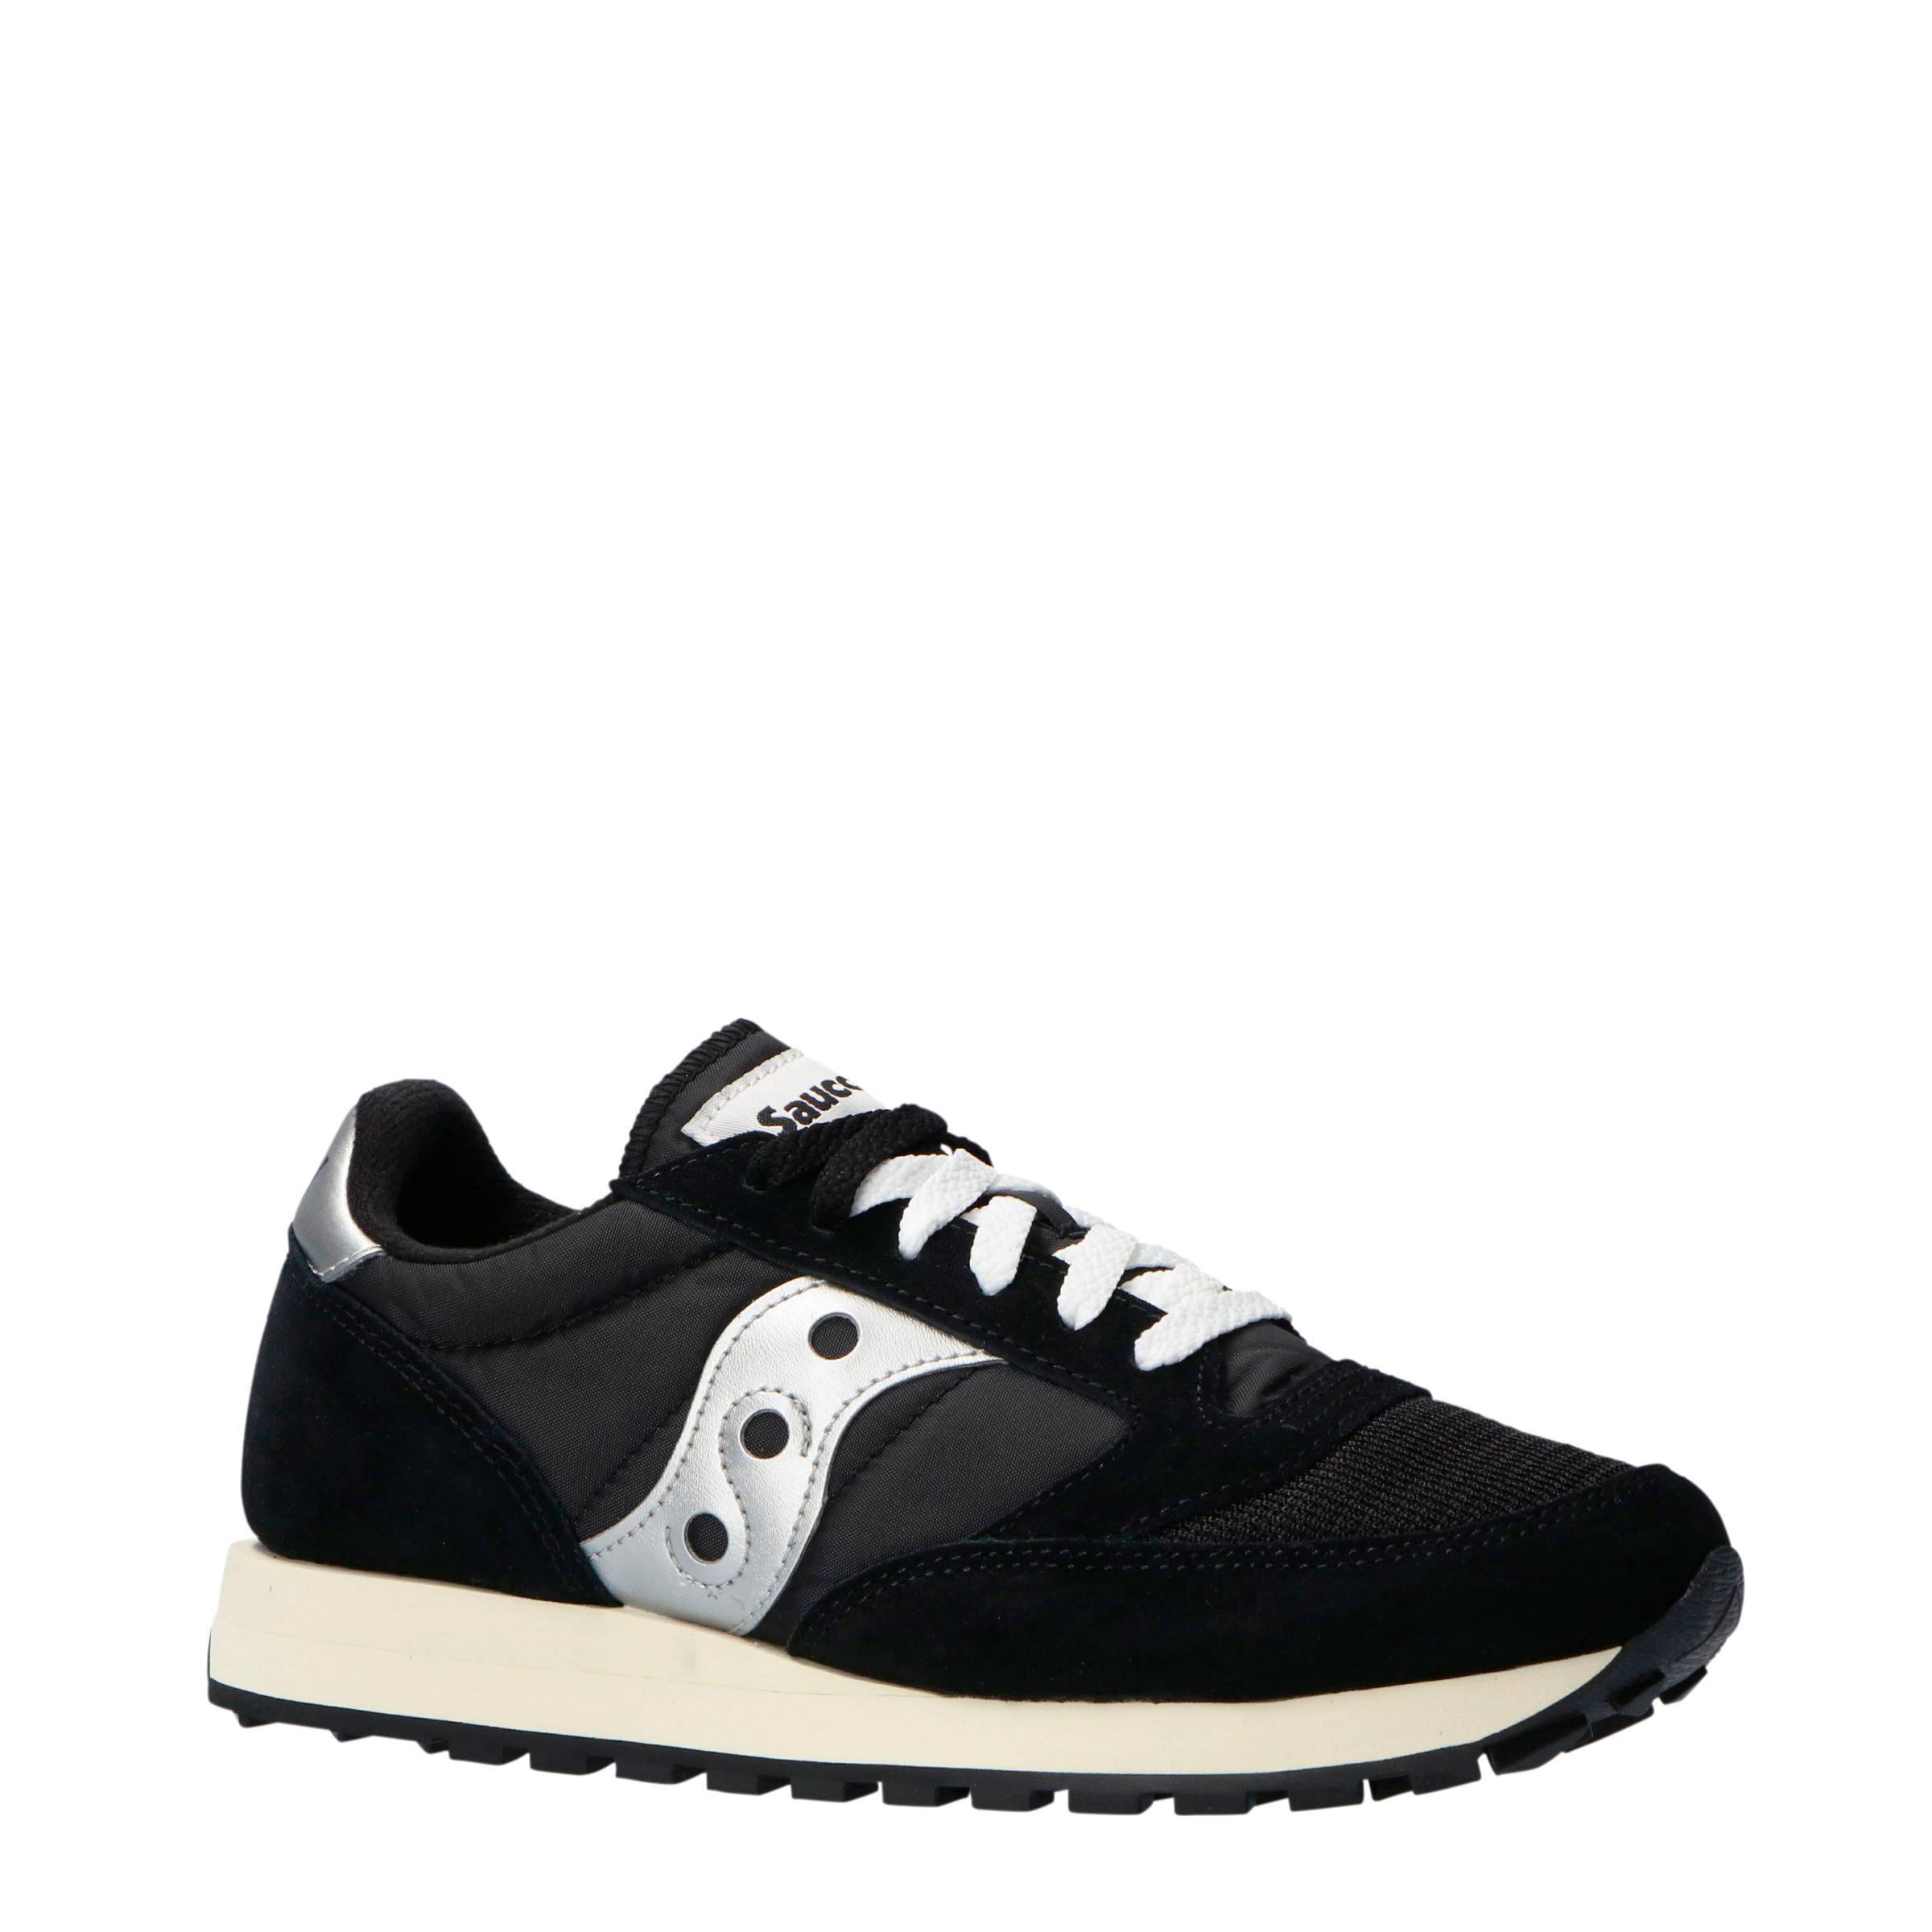 a0cf7b68a80 National Glamour Day schoenen bij wehkamp - Gratis bezorging vanaf 20.-